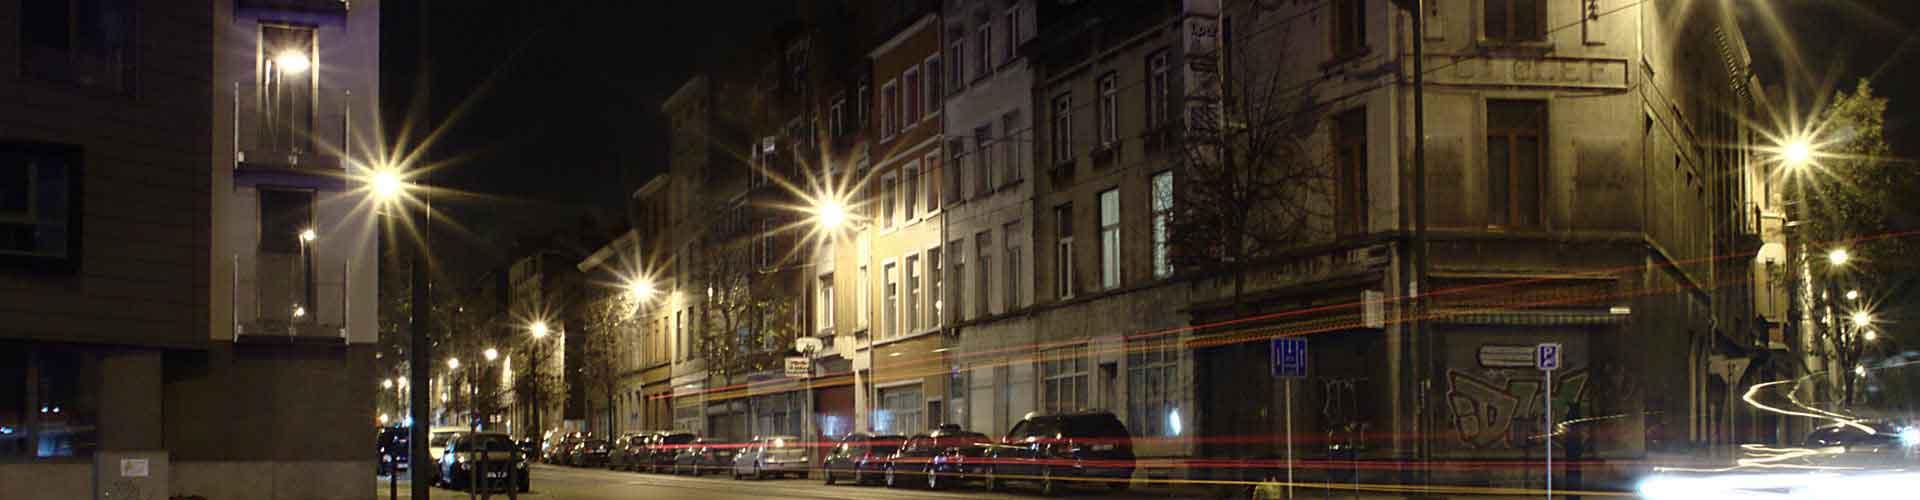 Bruxelles - Auberges de jeunesse et Chambres pas chères dans le quartier de Molenbeek-Saint-Jean. Cartes de Bruxelles, photos et commentaires pour chaque Auberge de jeunesse et Chambre pas chère à Bruxelles.